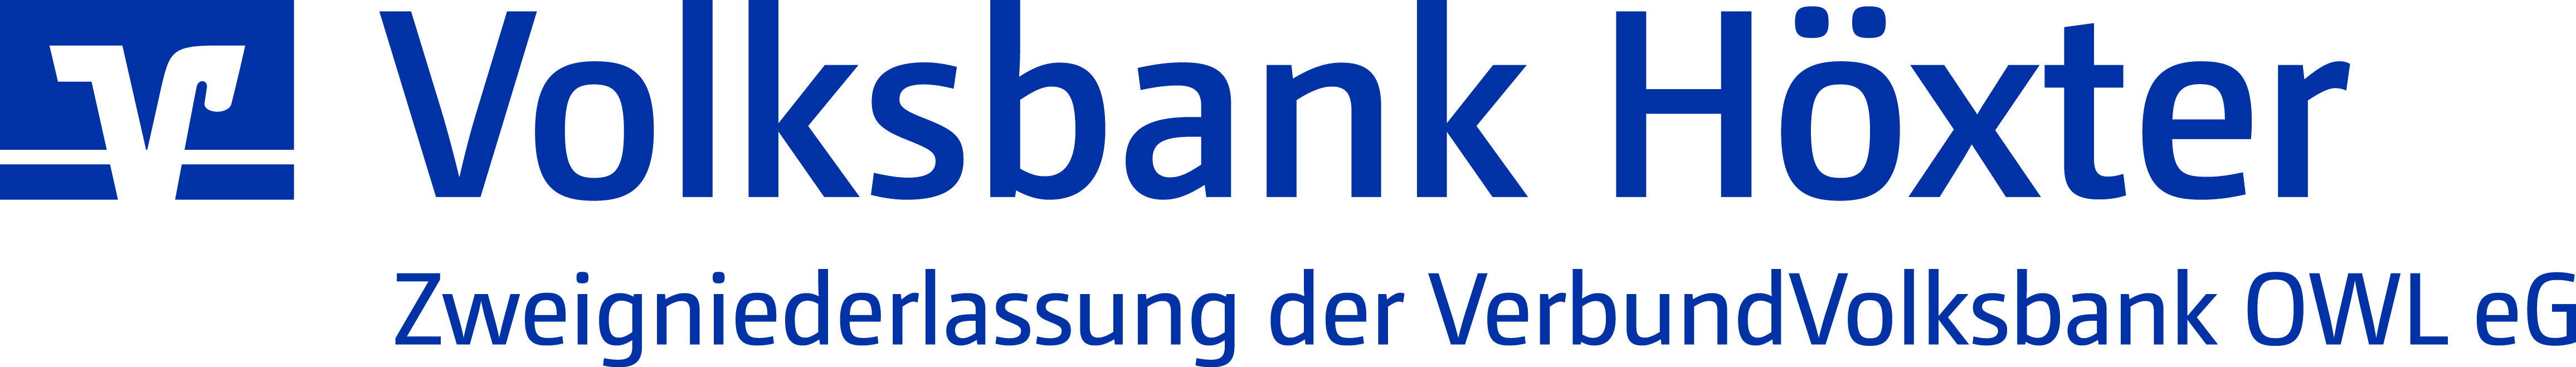 Photo of   VerbundVolksbank OWL eG